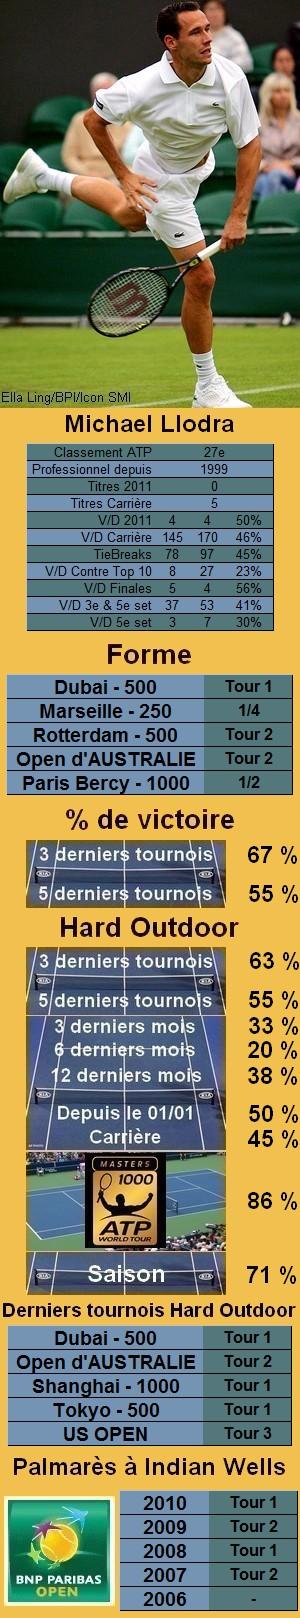 Les statistiques tennis de Michael Llodra pour le tournoi de Indian Wells